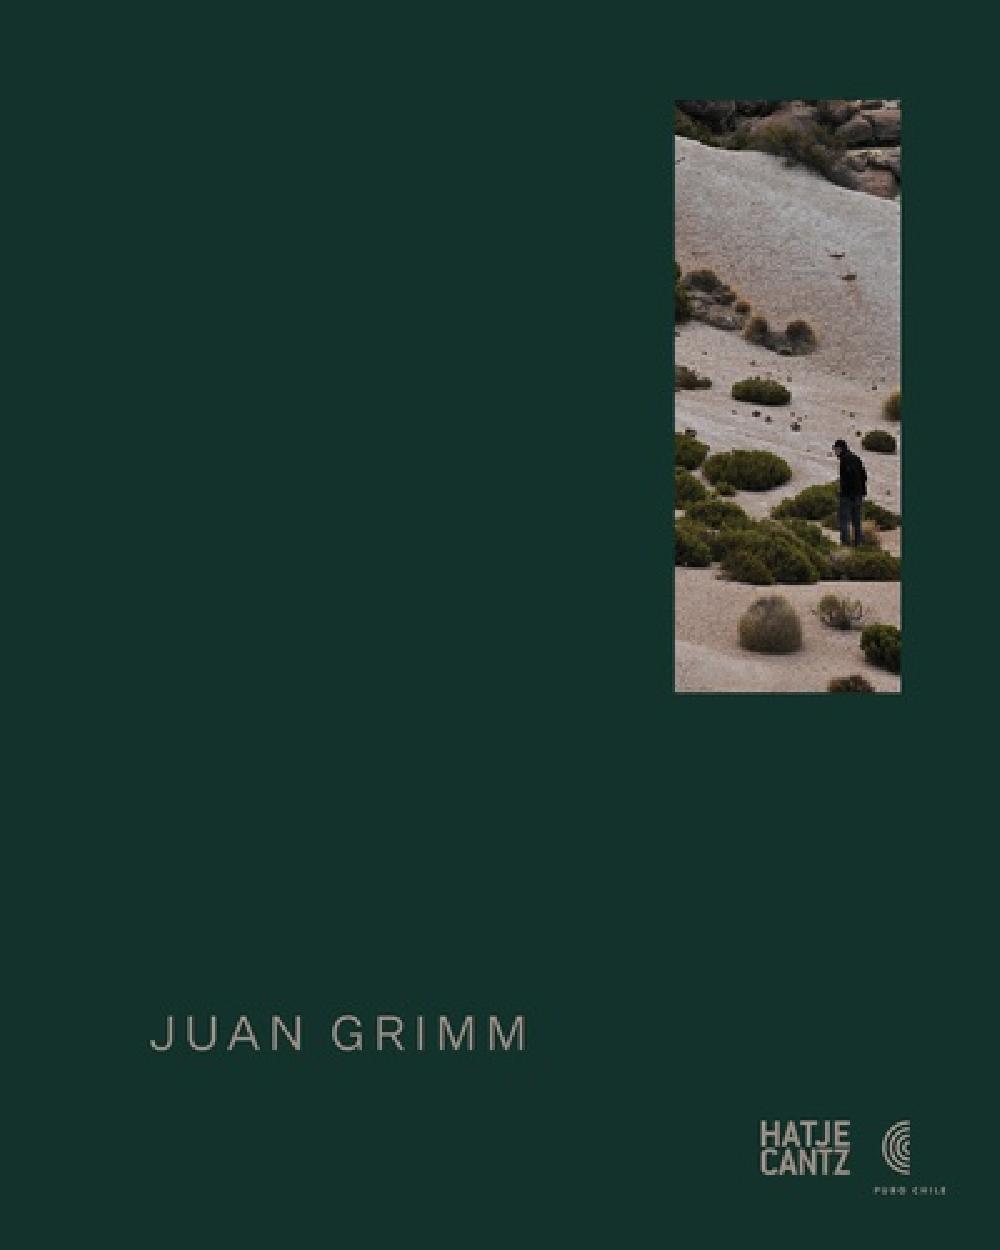 Juan Grimm